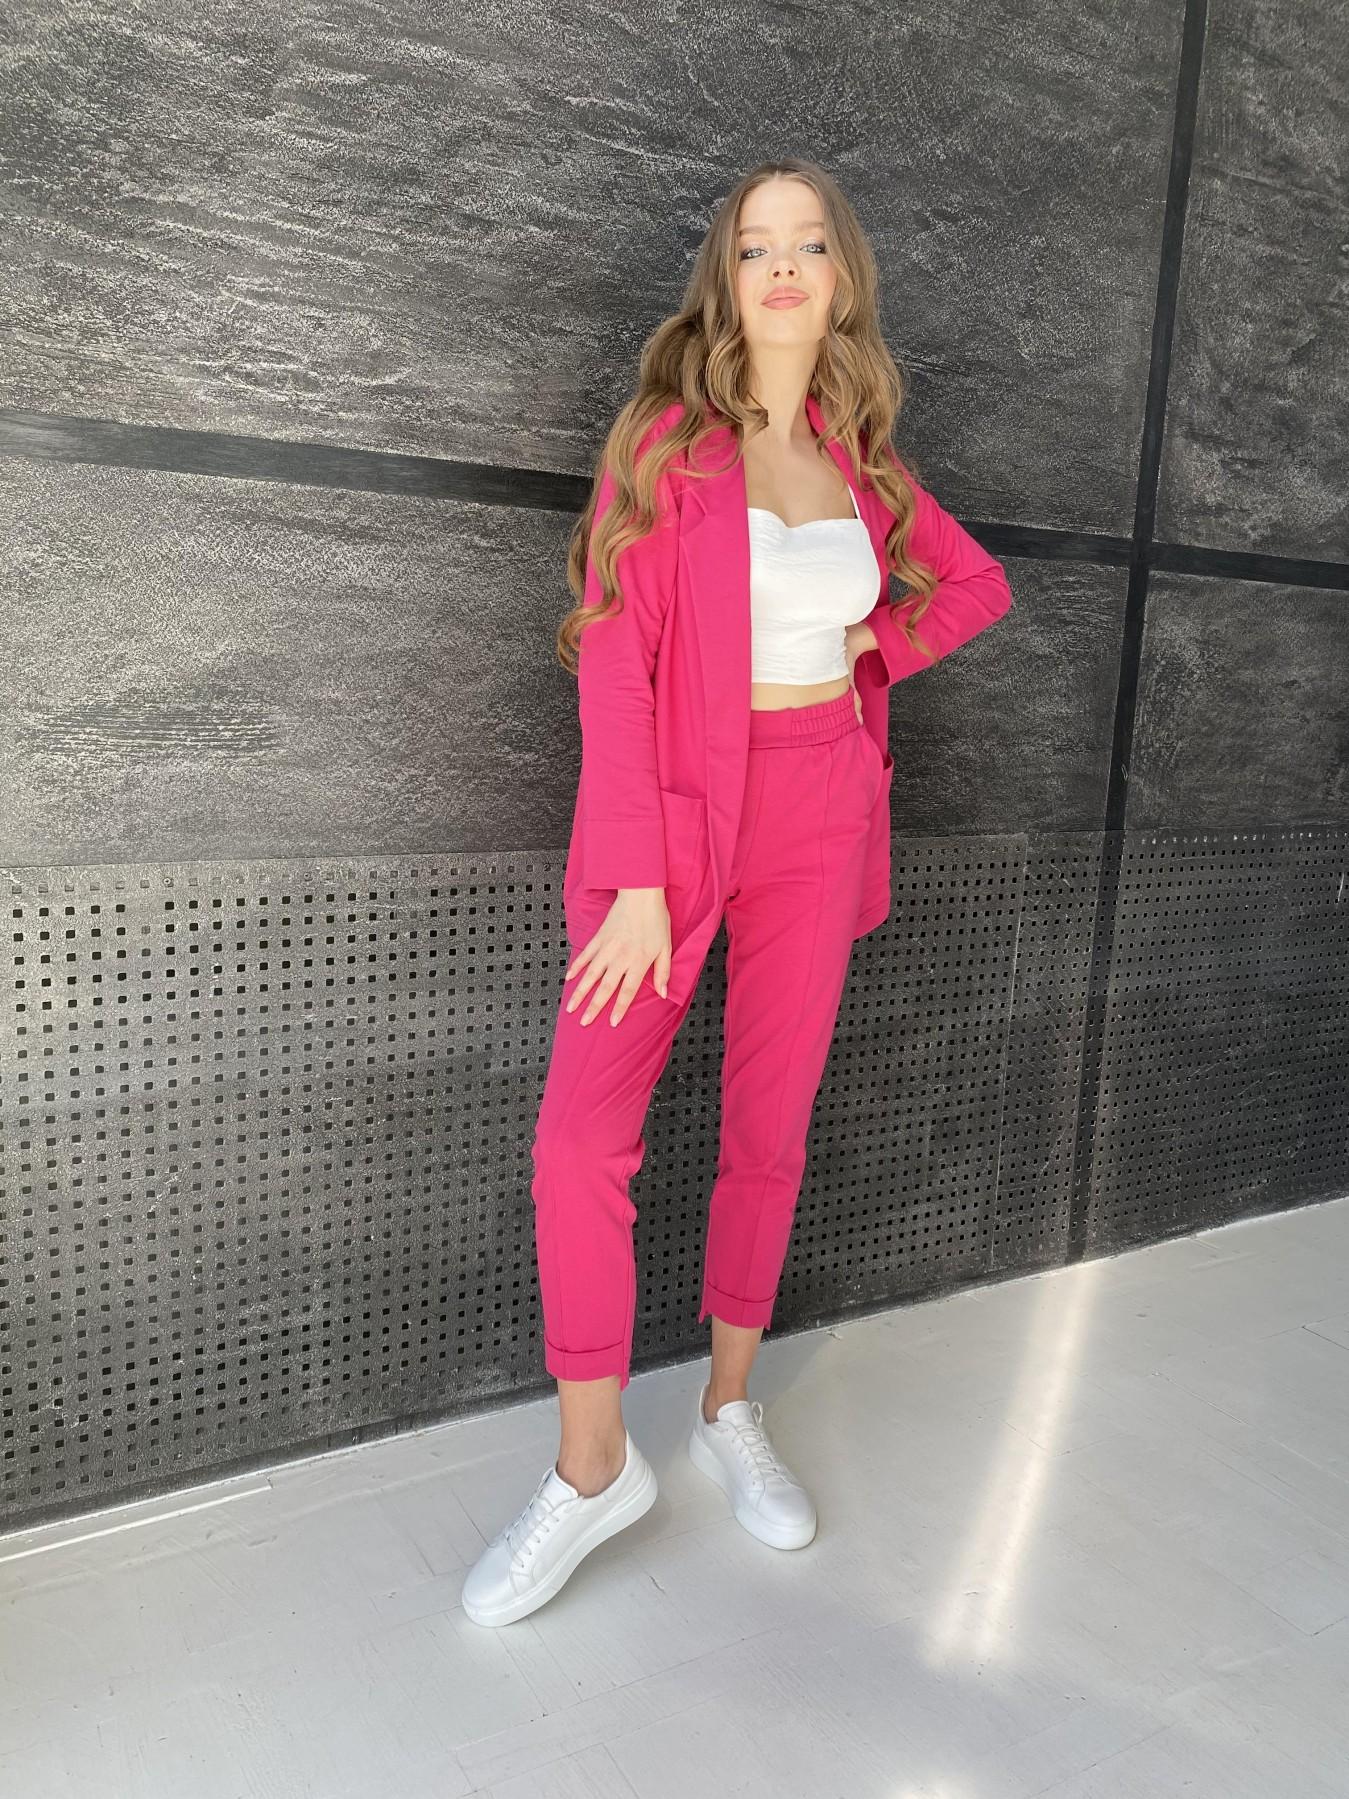 Аурис  костюм из двунитки на трикотаже турция 11085 АРТ. 48166 Цвет: Малиновый - фото 3, интернет магазин tm-modus.ru